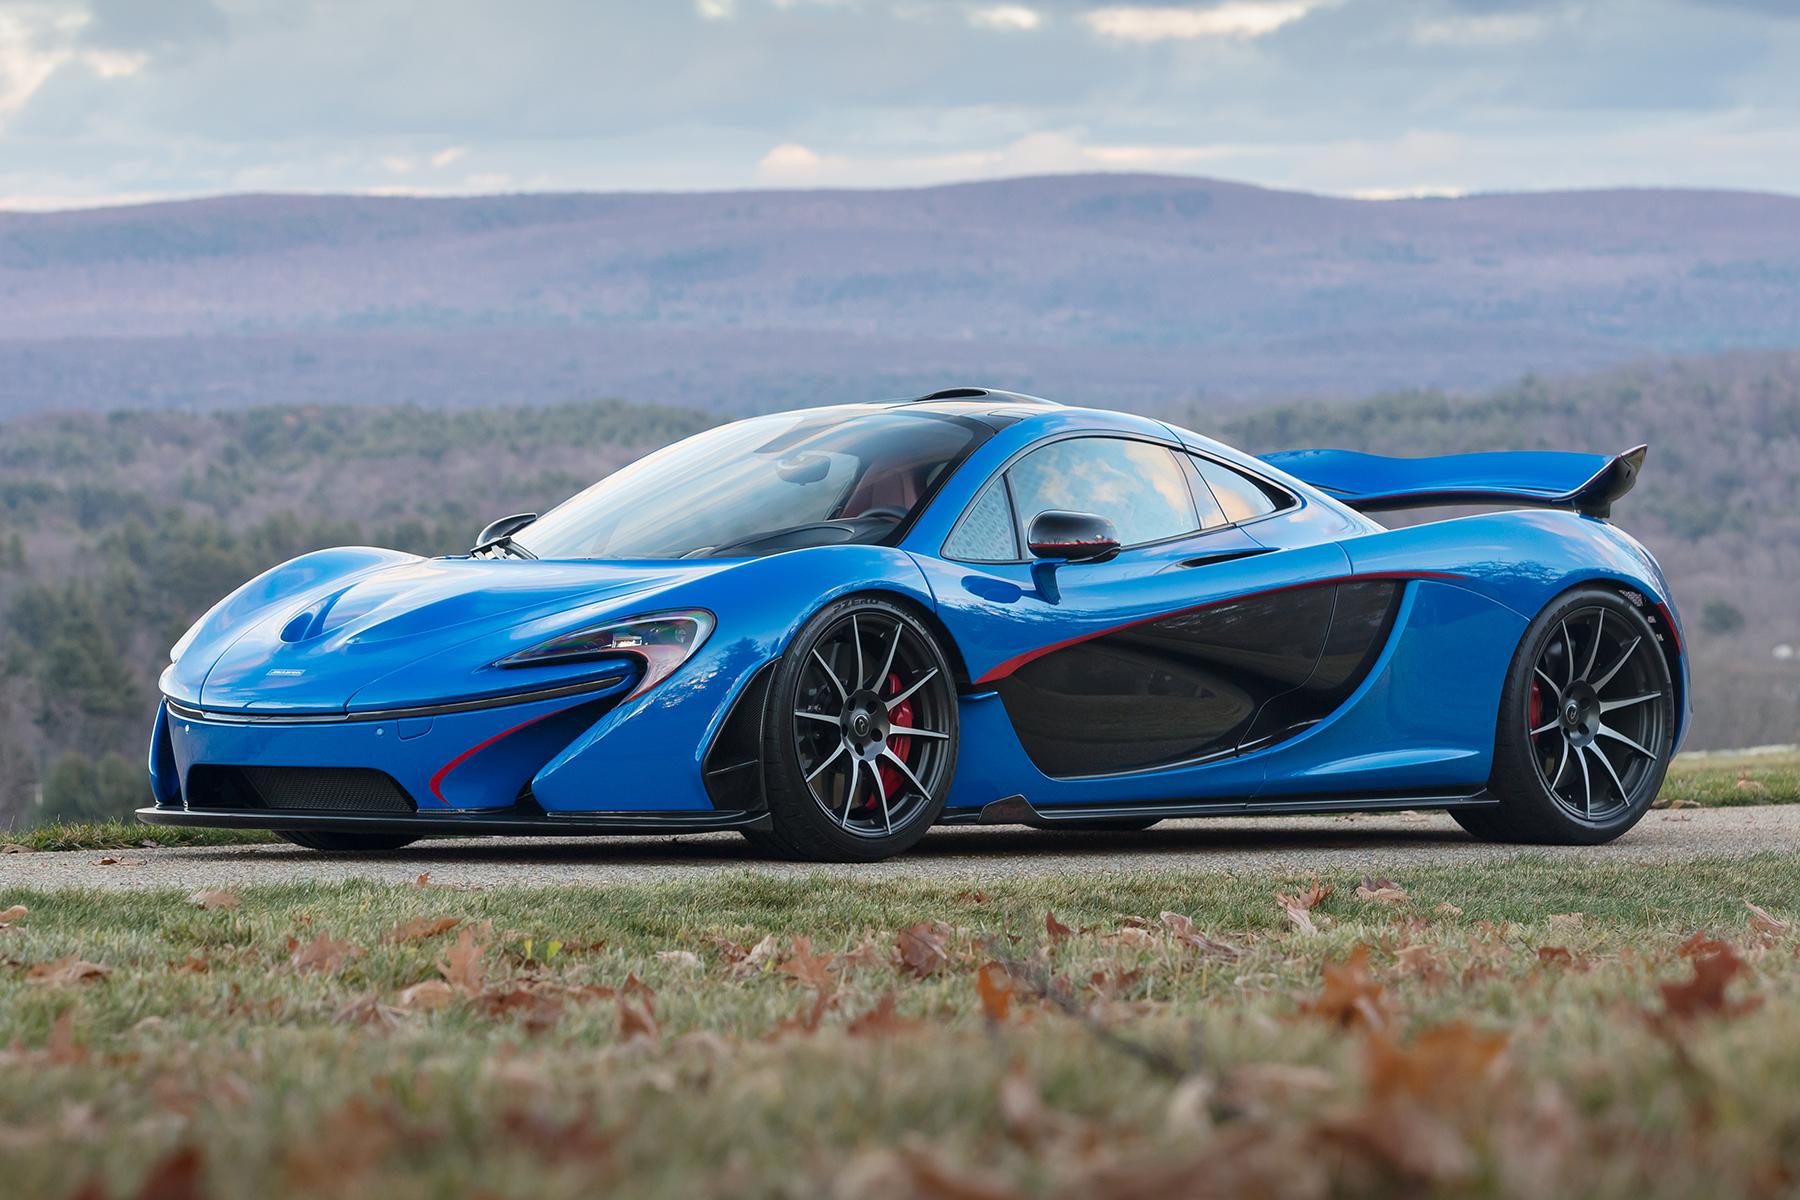 Руководитель компании McLaren Майк Флюитт заявил, что будущей весной фирма представит новую платформу для гибридных моделей с передними электродвигателями и возможностью подзарядки от розетки.